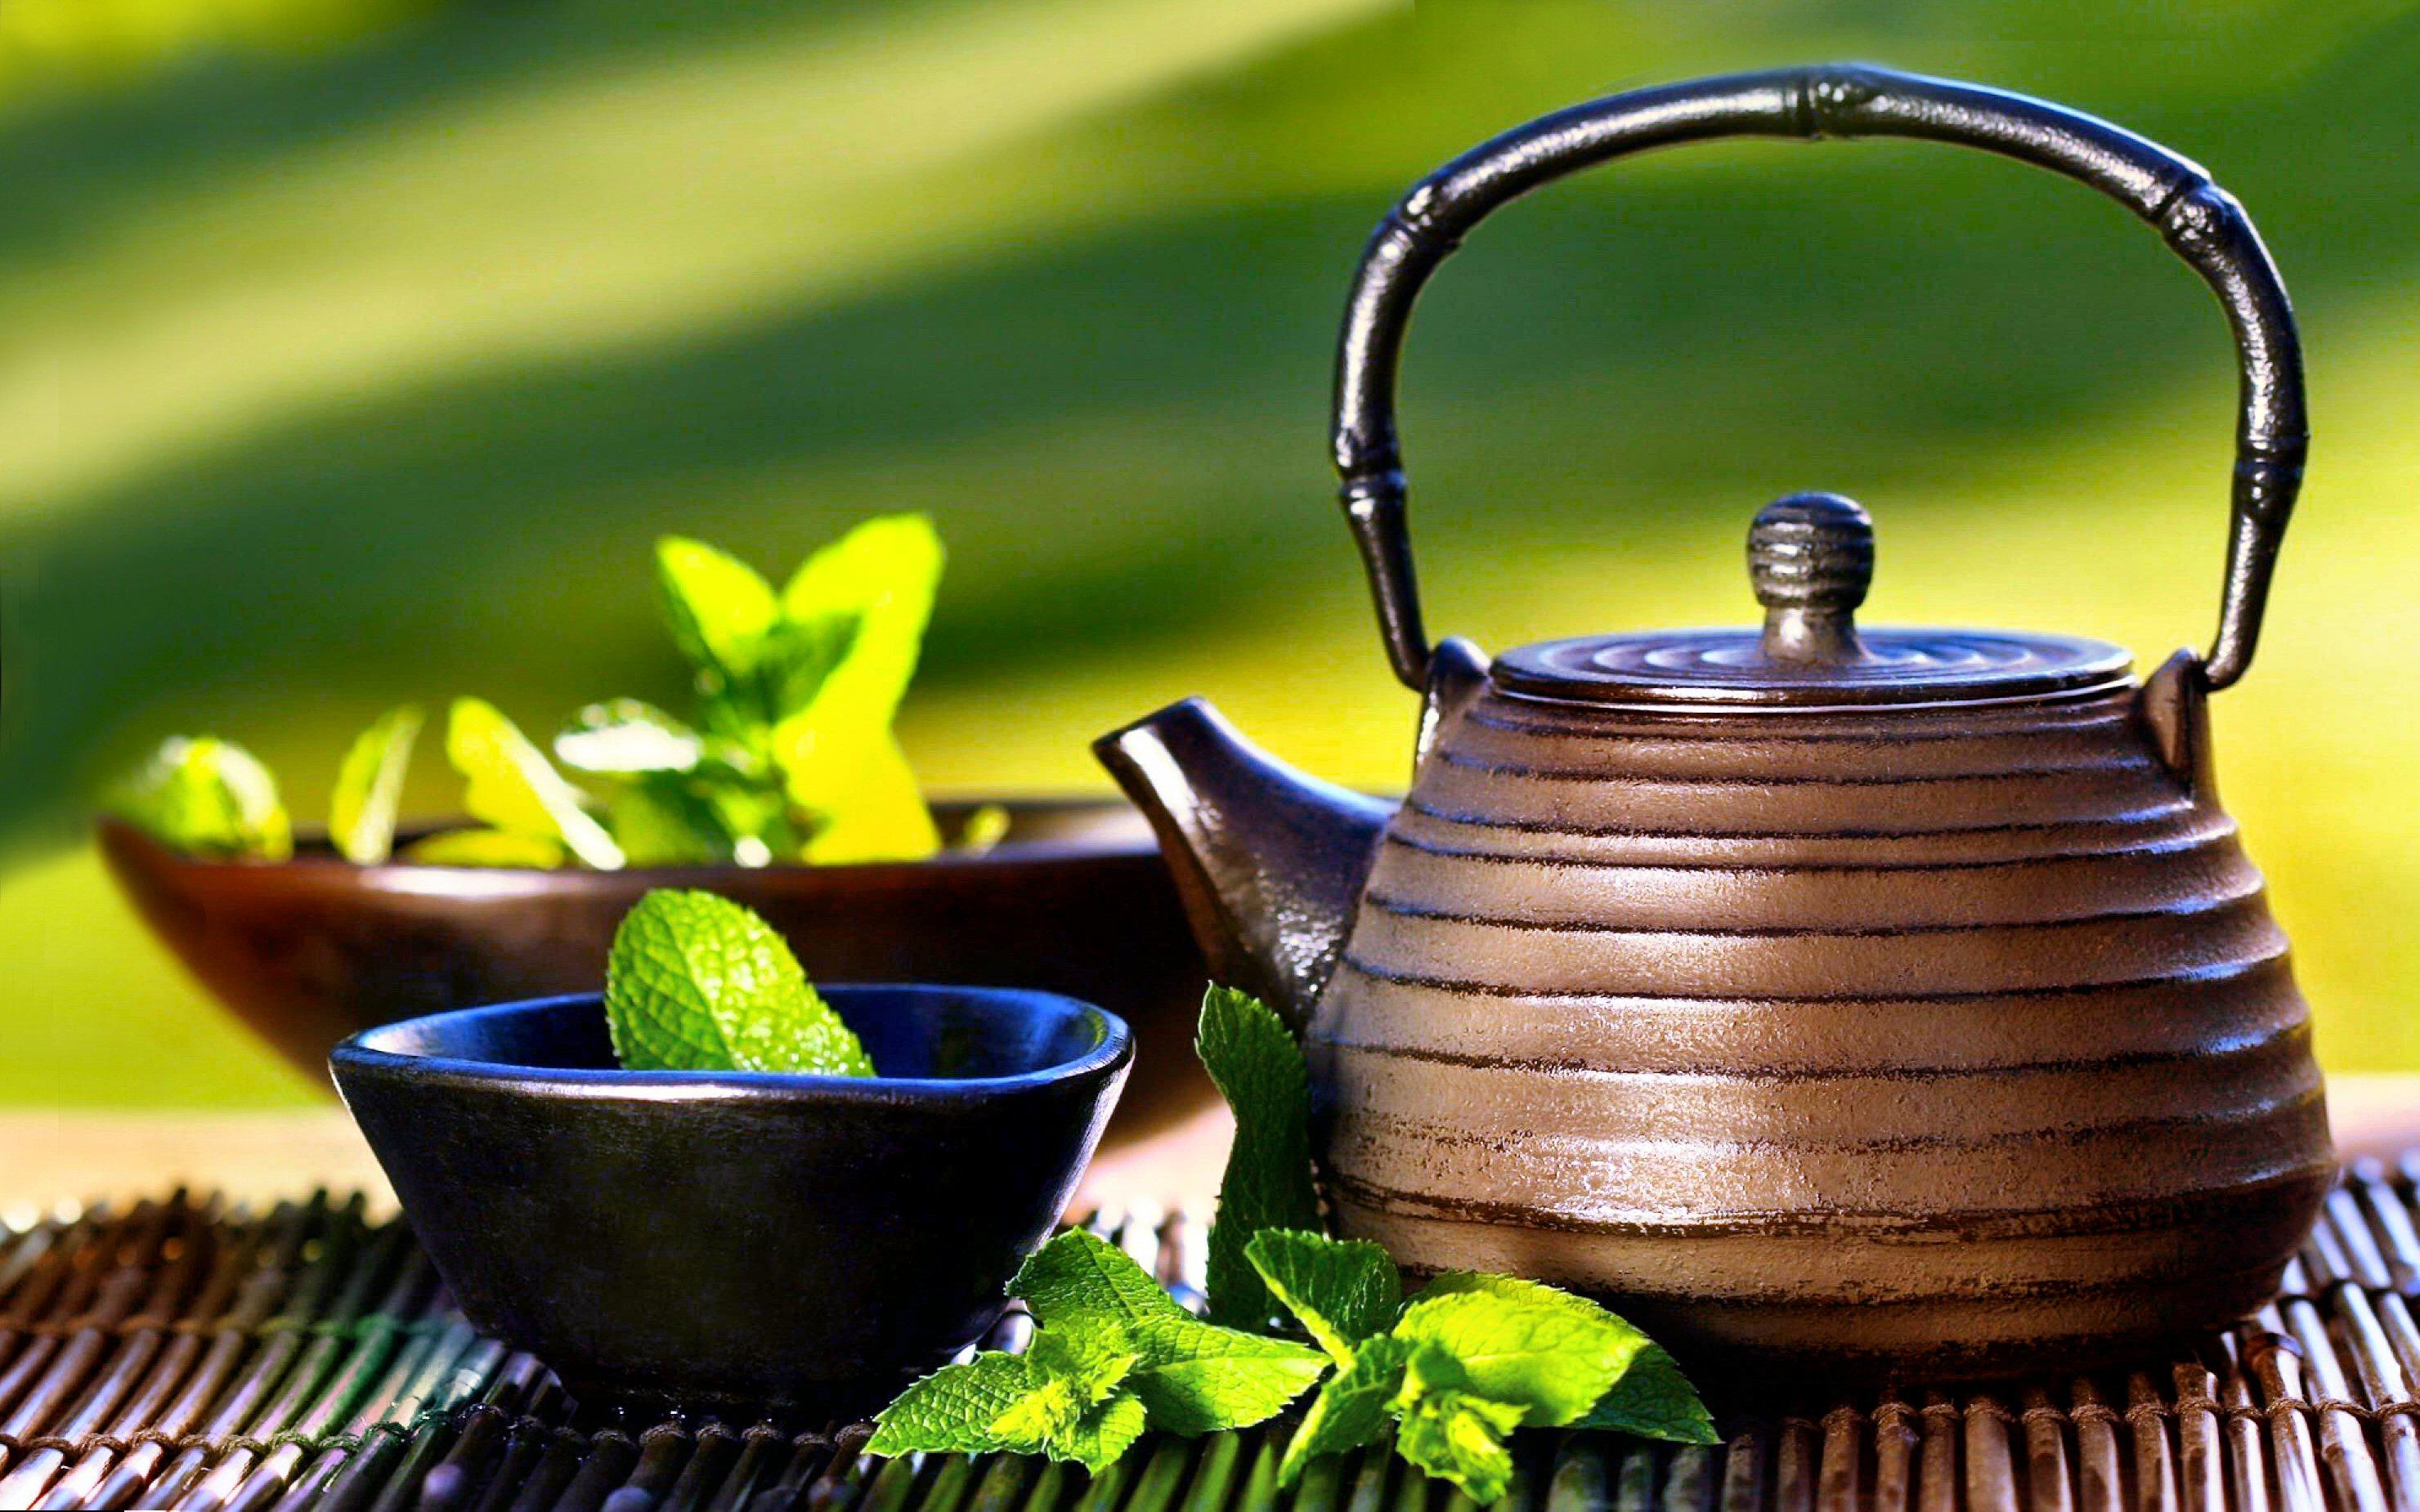 экрану картинки зеленого чая в чайнике фруктовая культура представляет